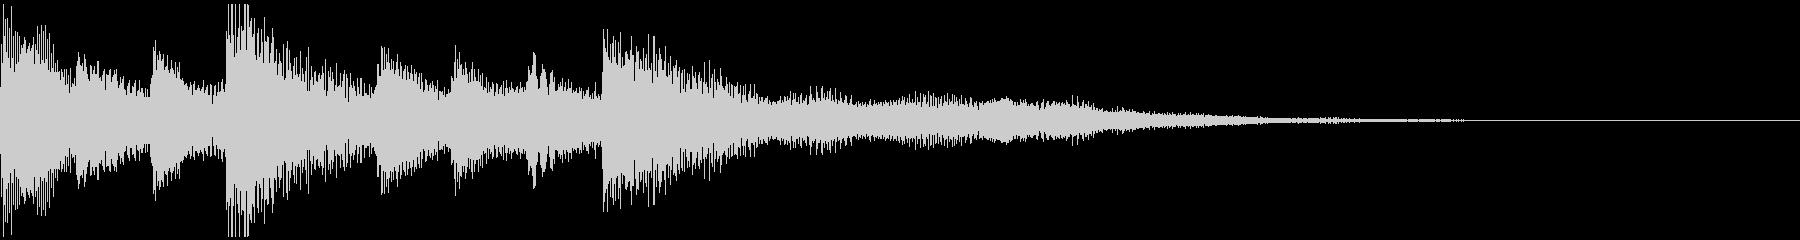 ゲームオーバー02 の未再生の波形